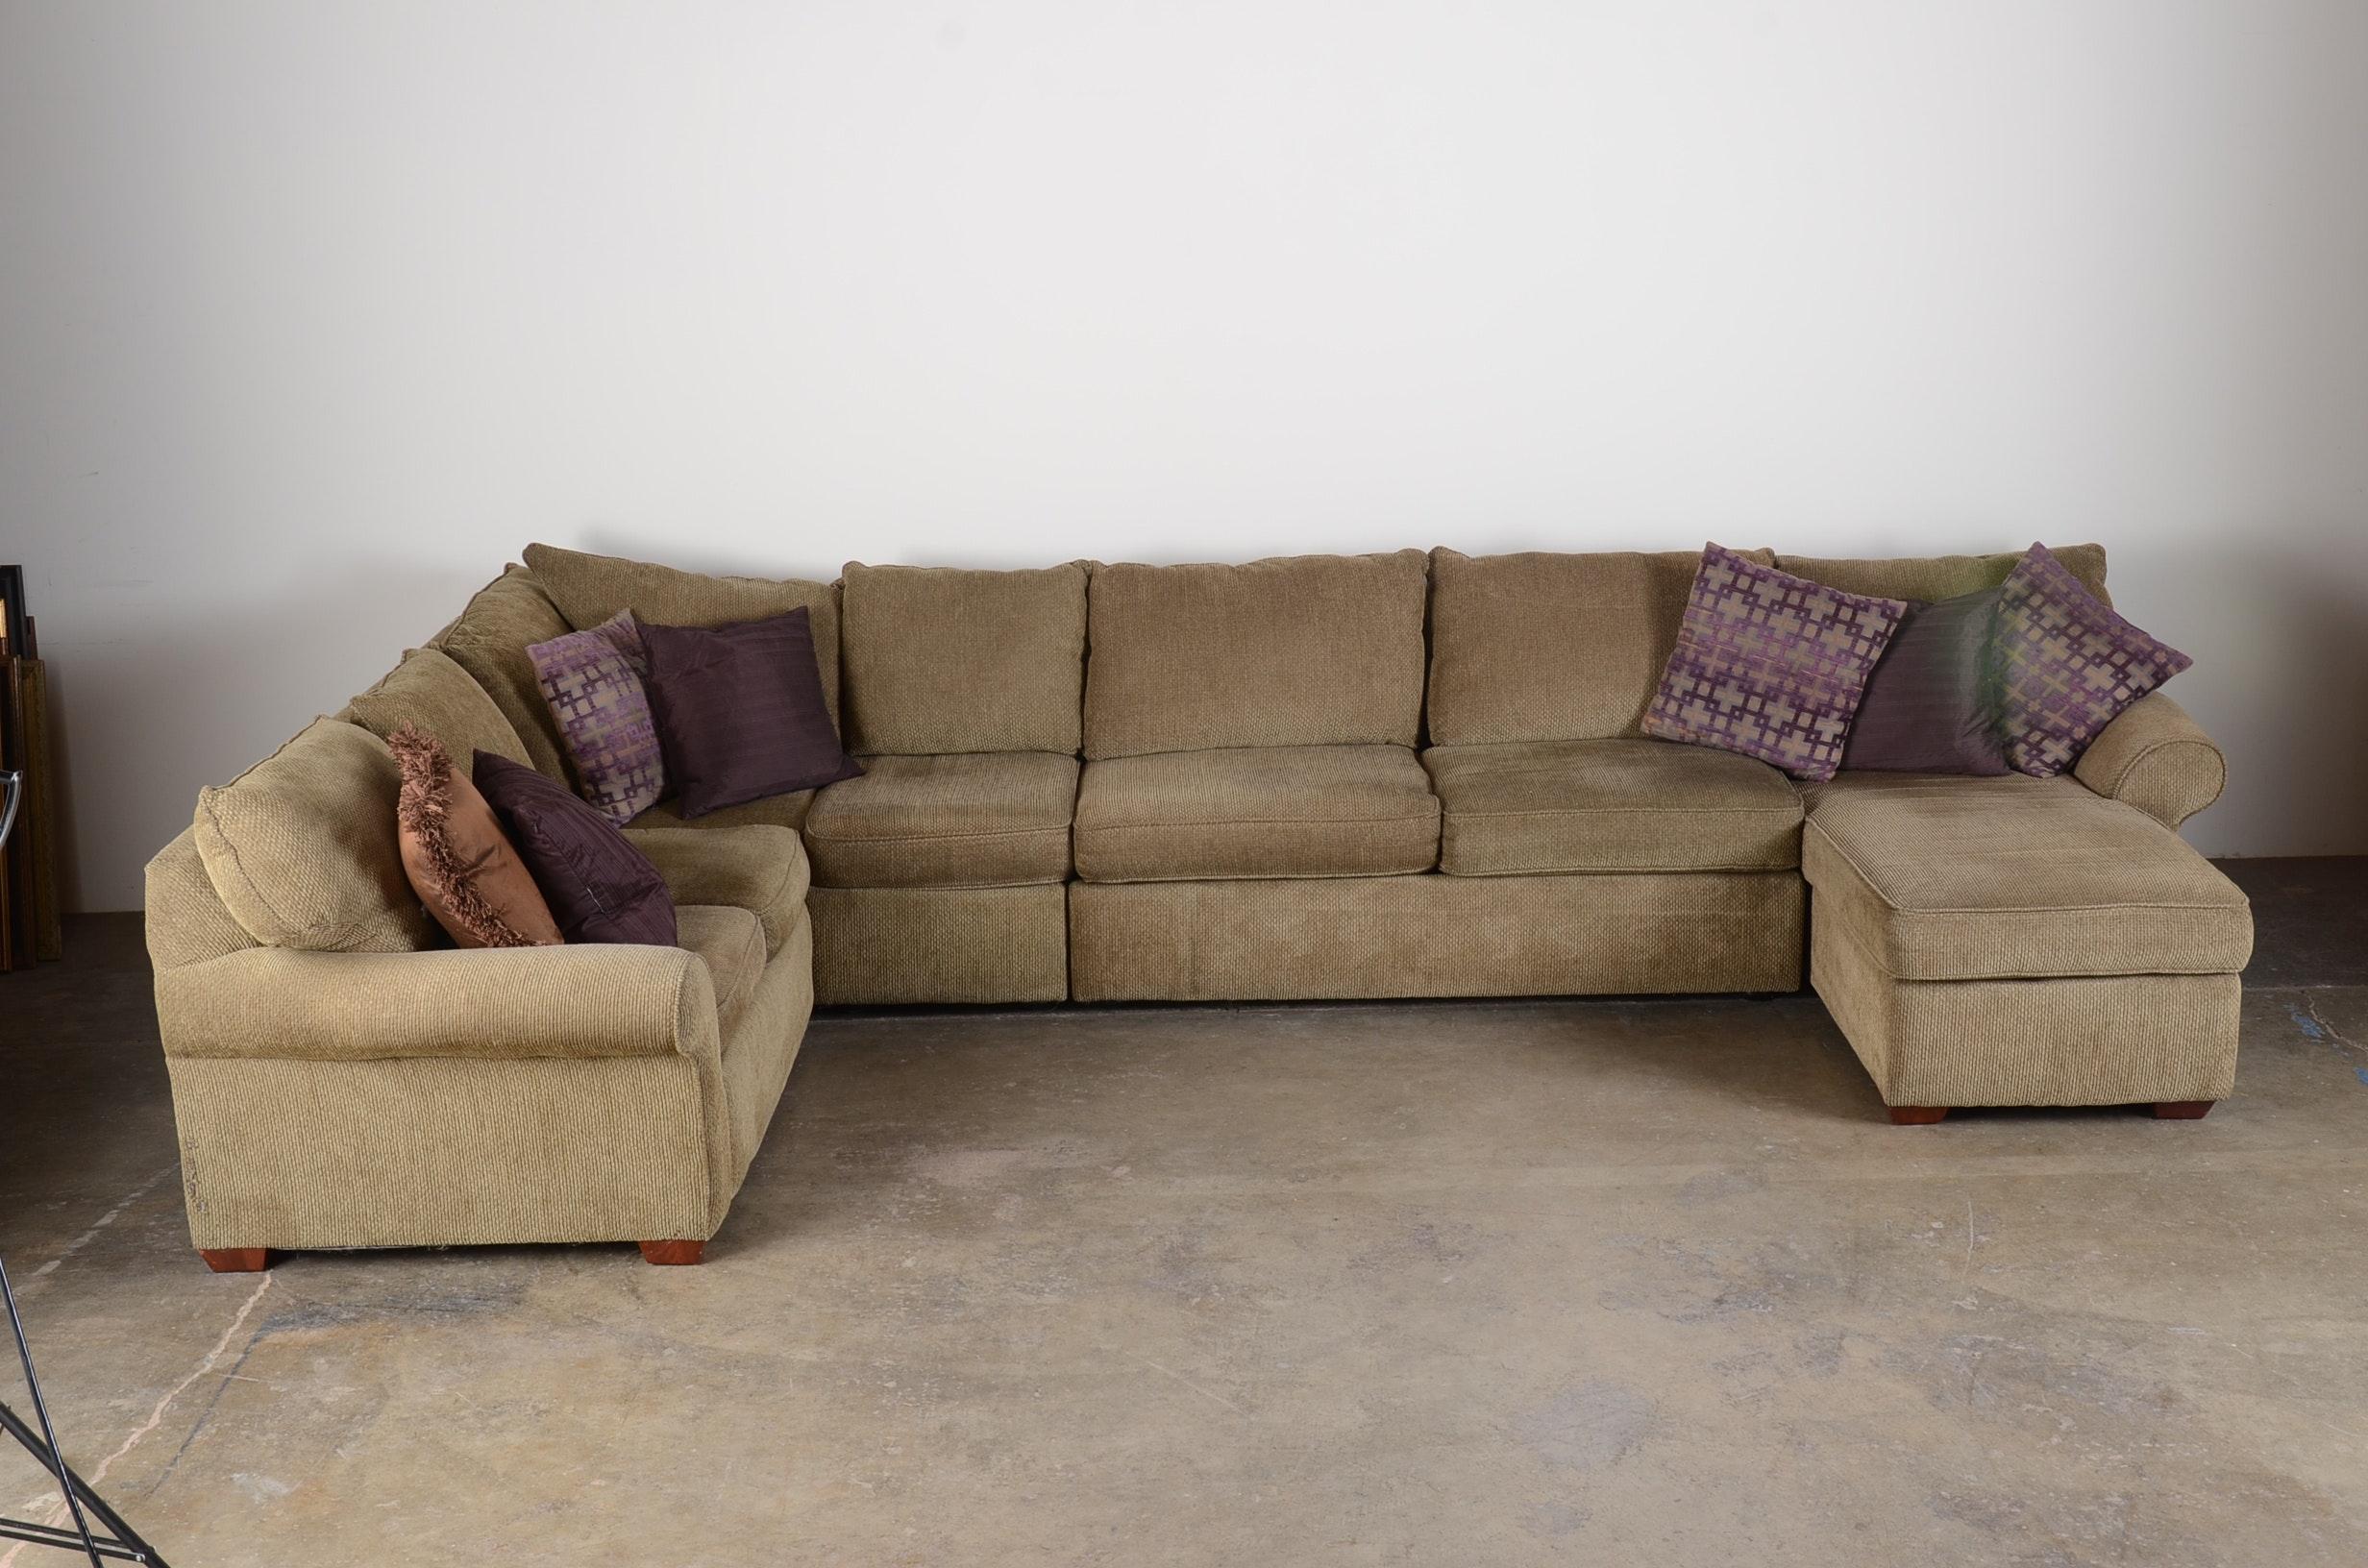 sofa express sectional couch ebth rh ebth com Tan Sofa sofa express sectional locking screws